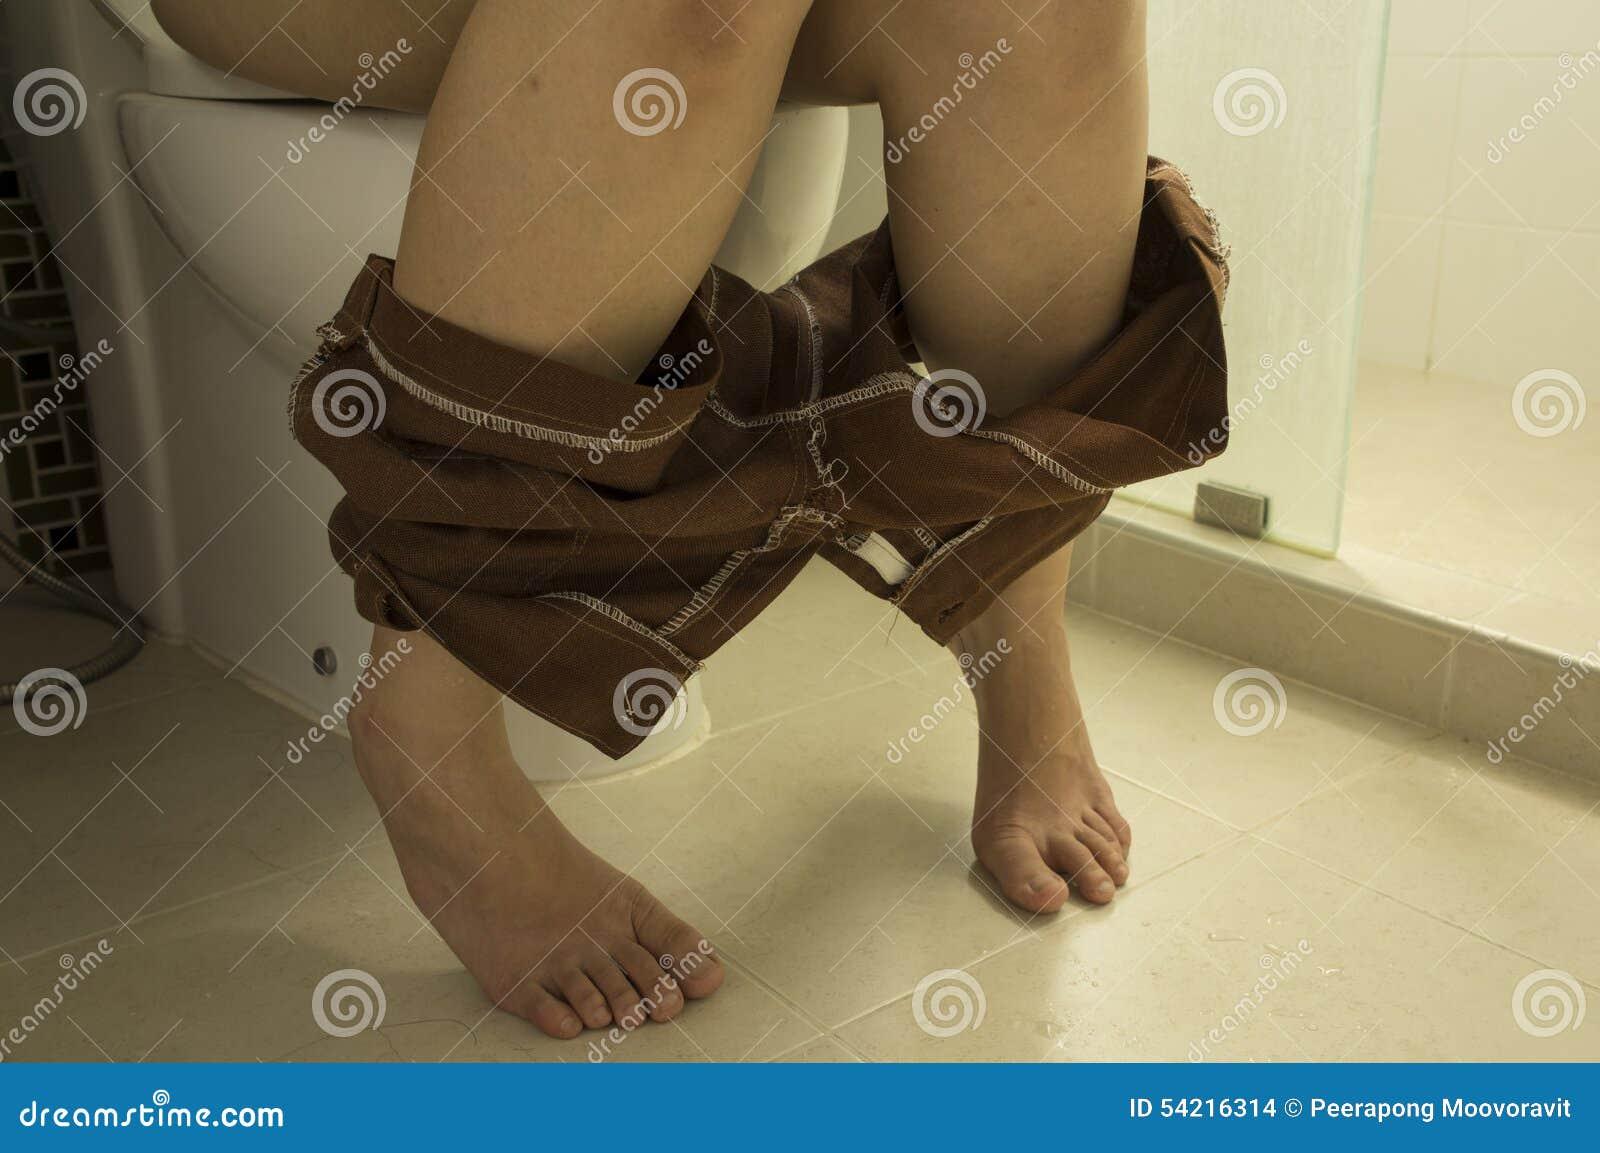 Секс в туалете с женщиной и мужчиной картинки женский